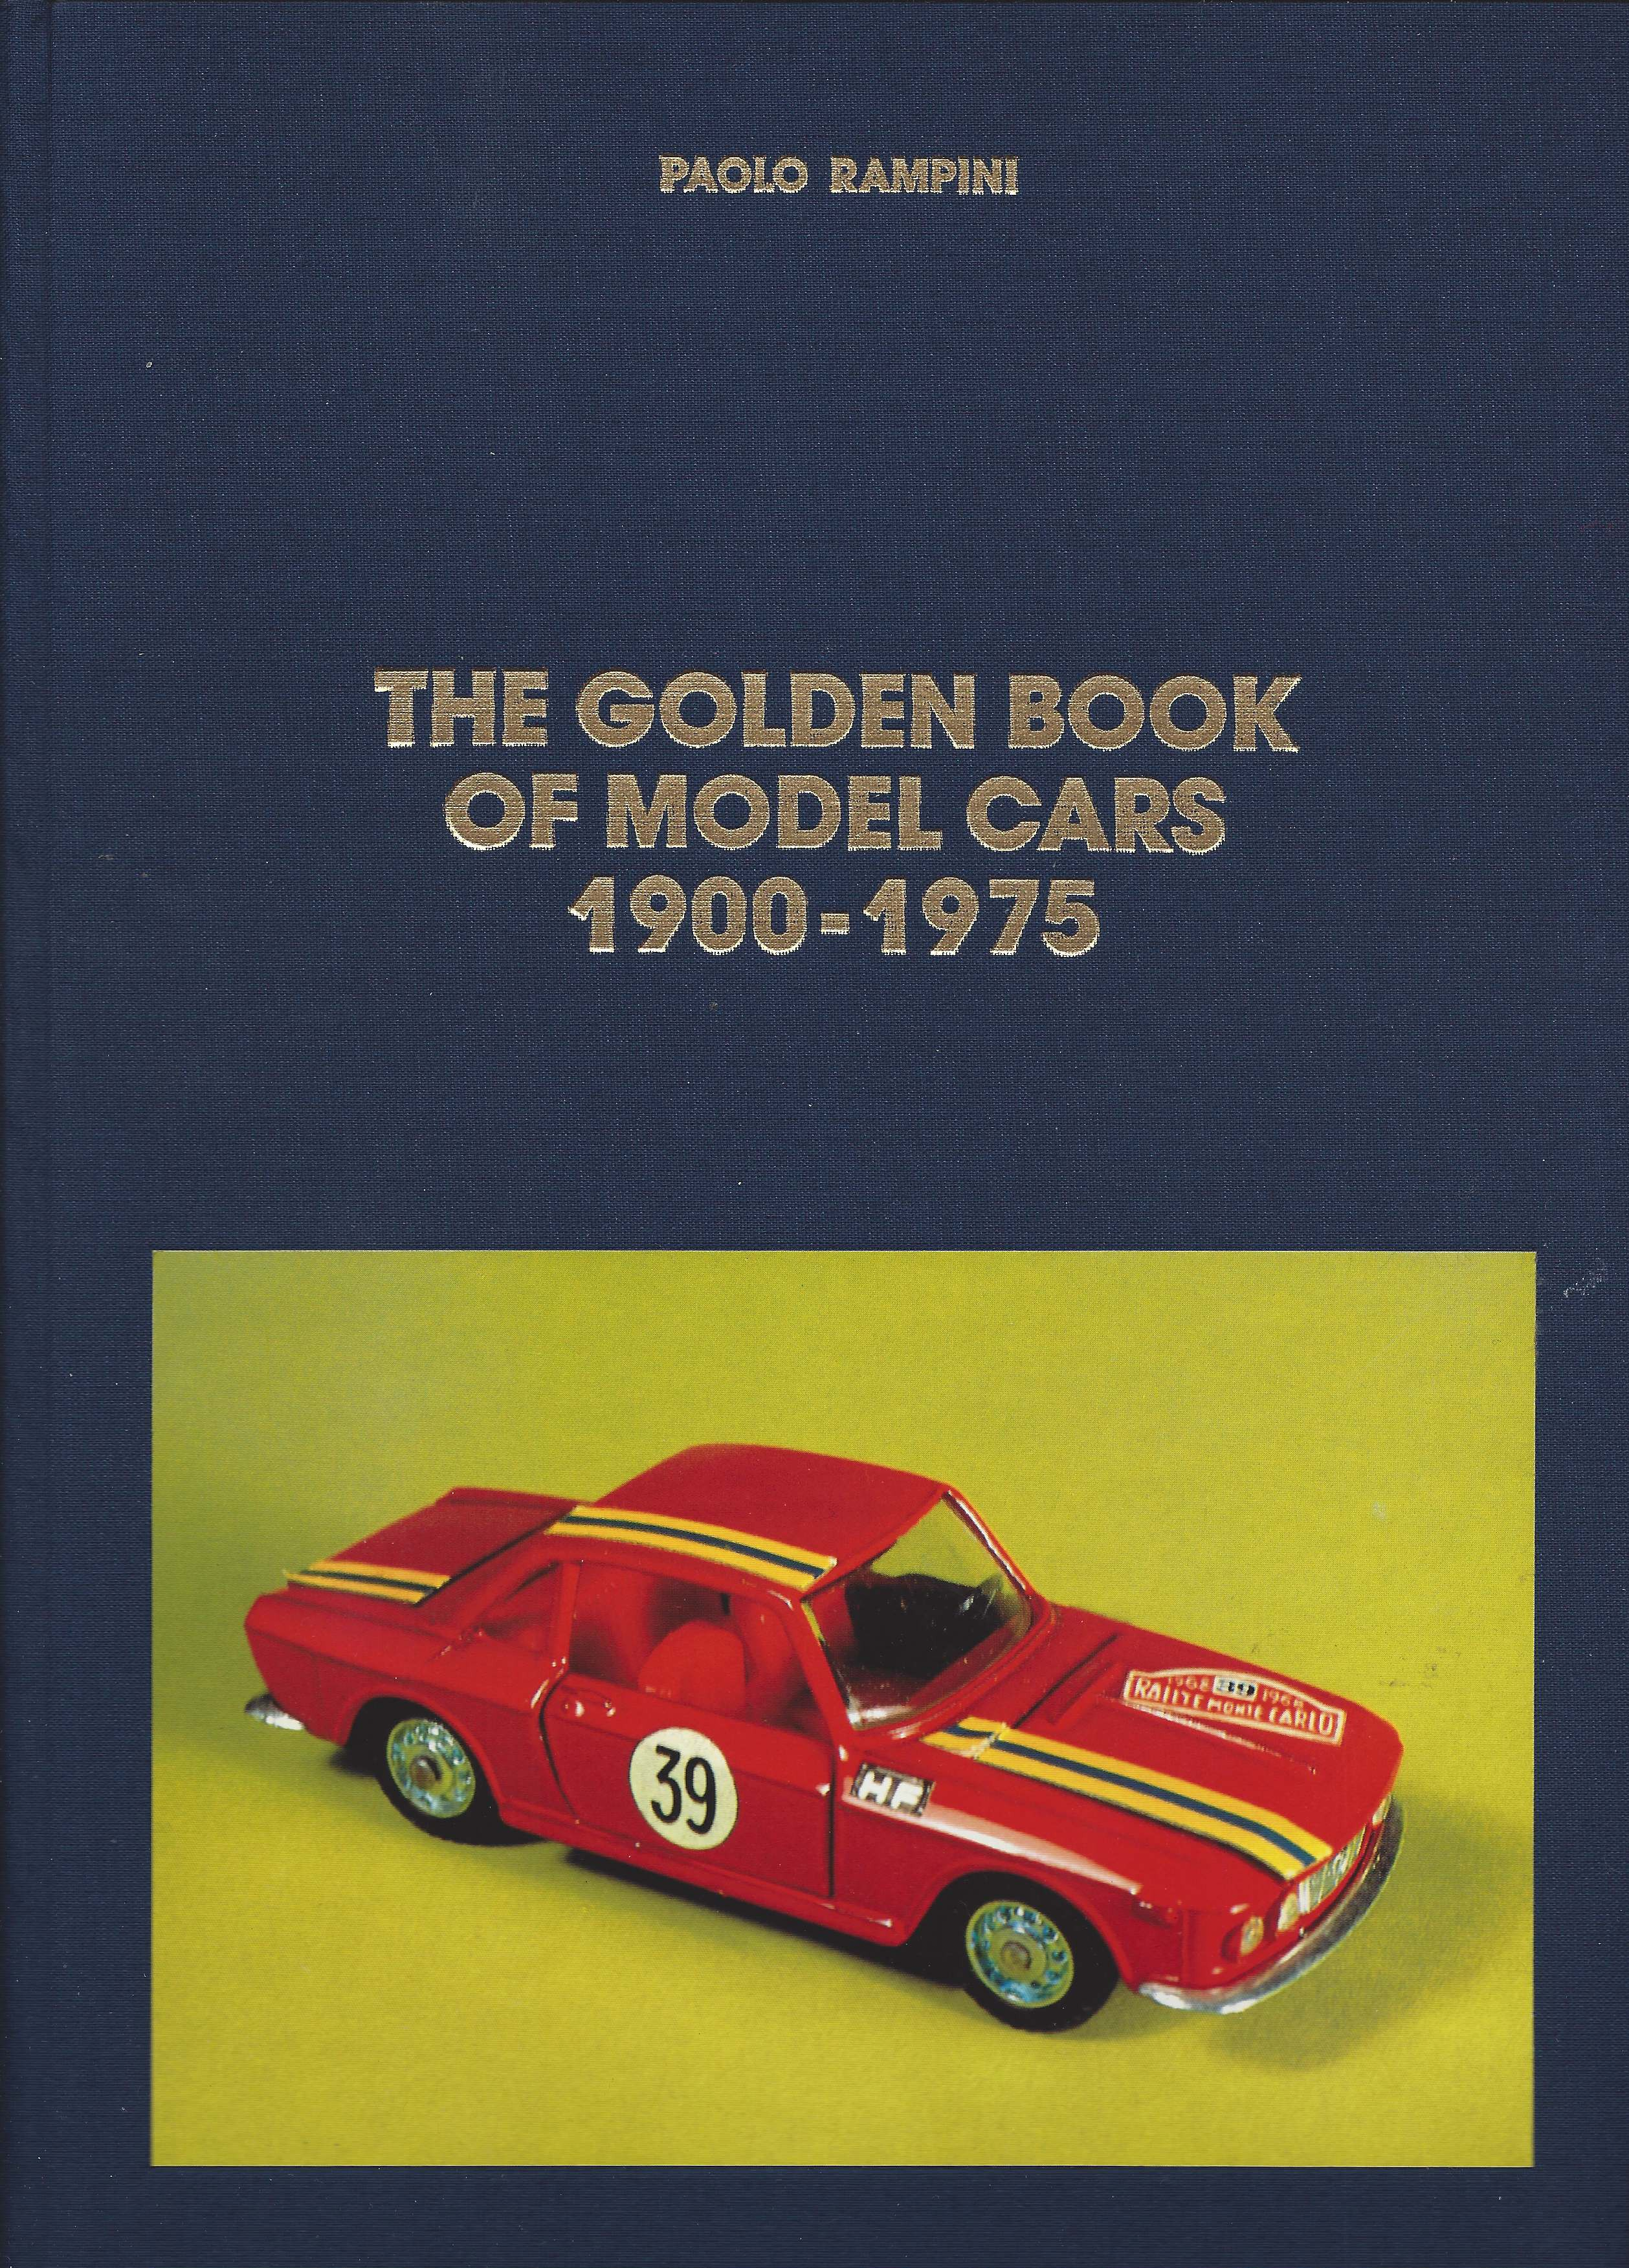 7 - The Golden Book of Model Cars 1900-1975, Milano, Edizioni Paolo Rampini, 1995